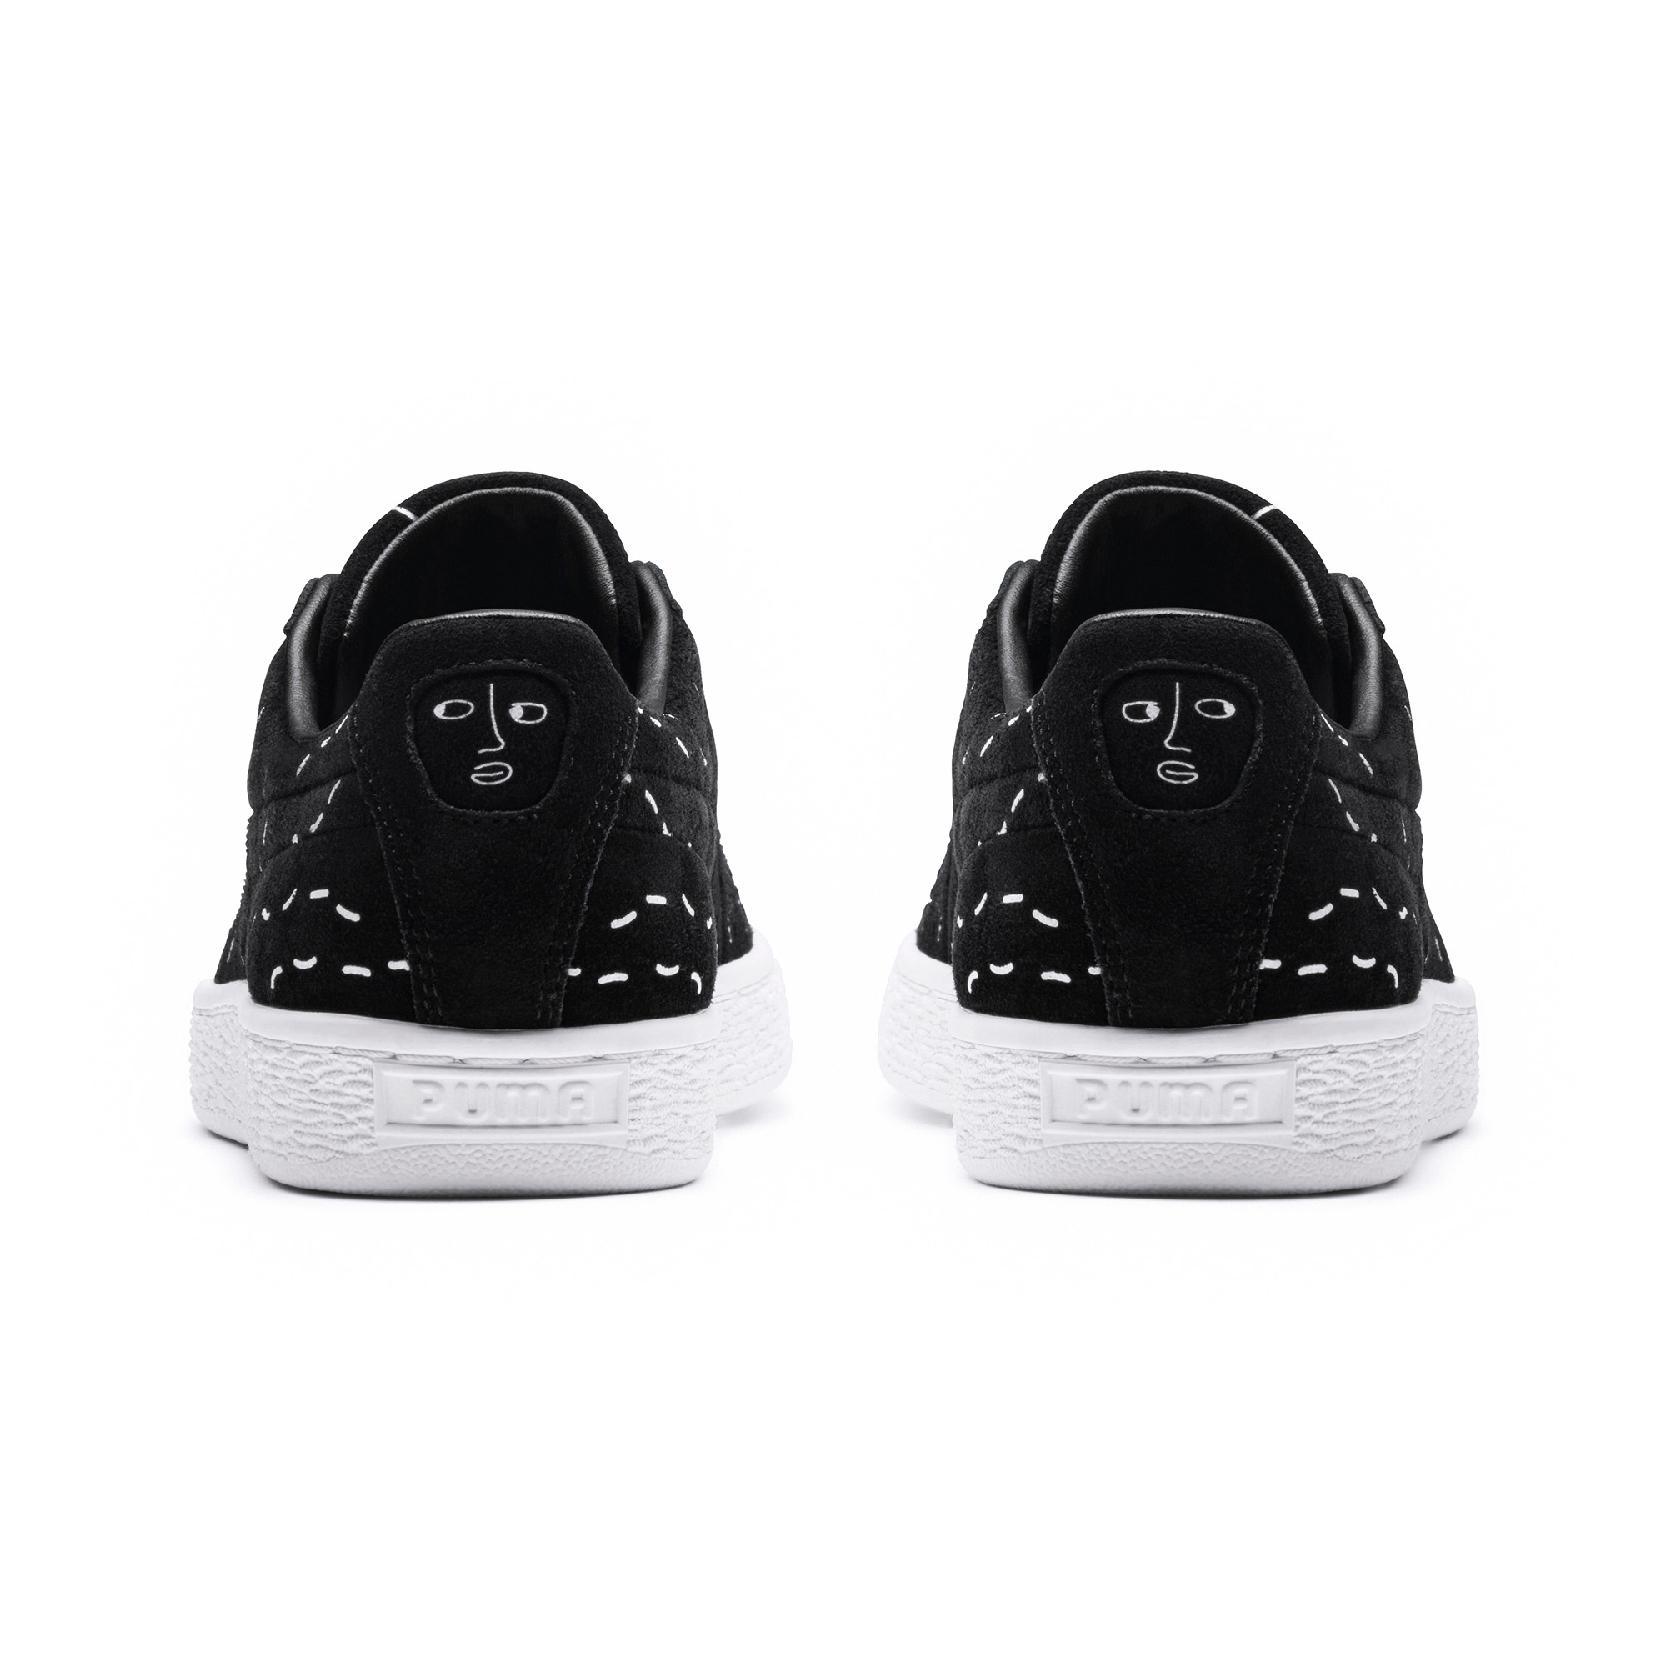 huge selection of edfe6 e352e puma-juodos-spalvos-laisvalaikio-batai-moterims iSPDF8m.jpg